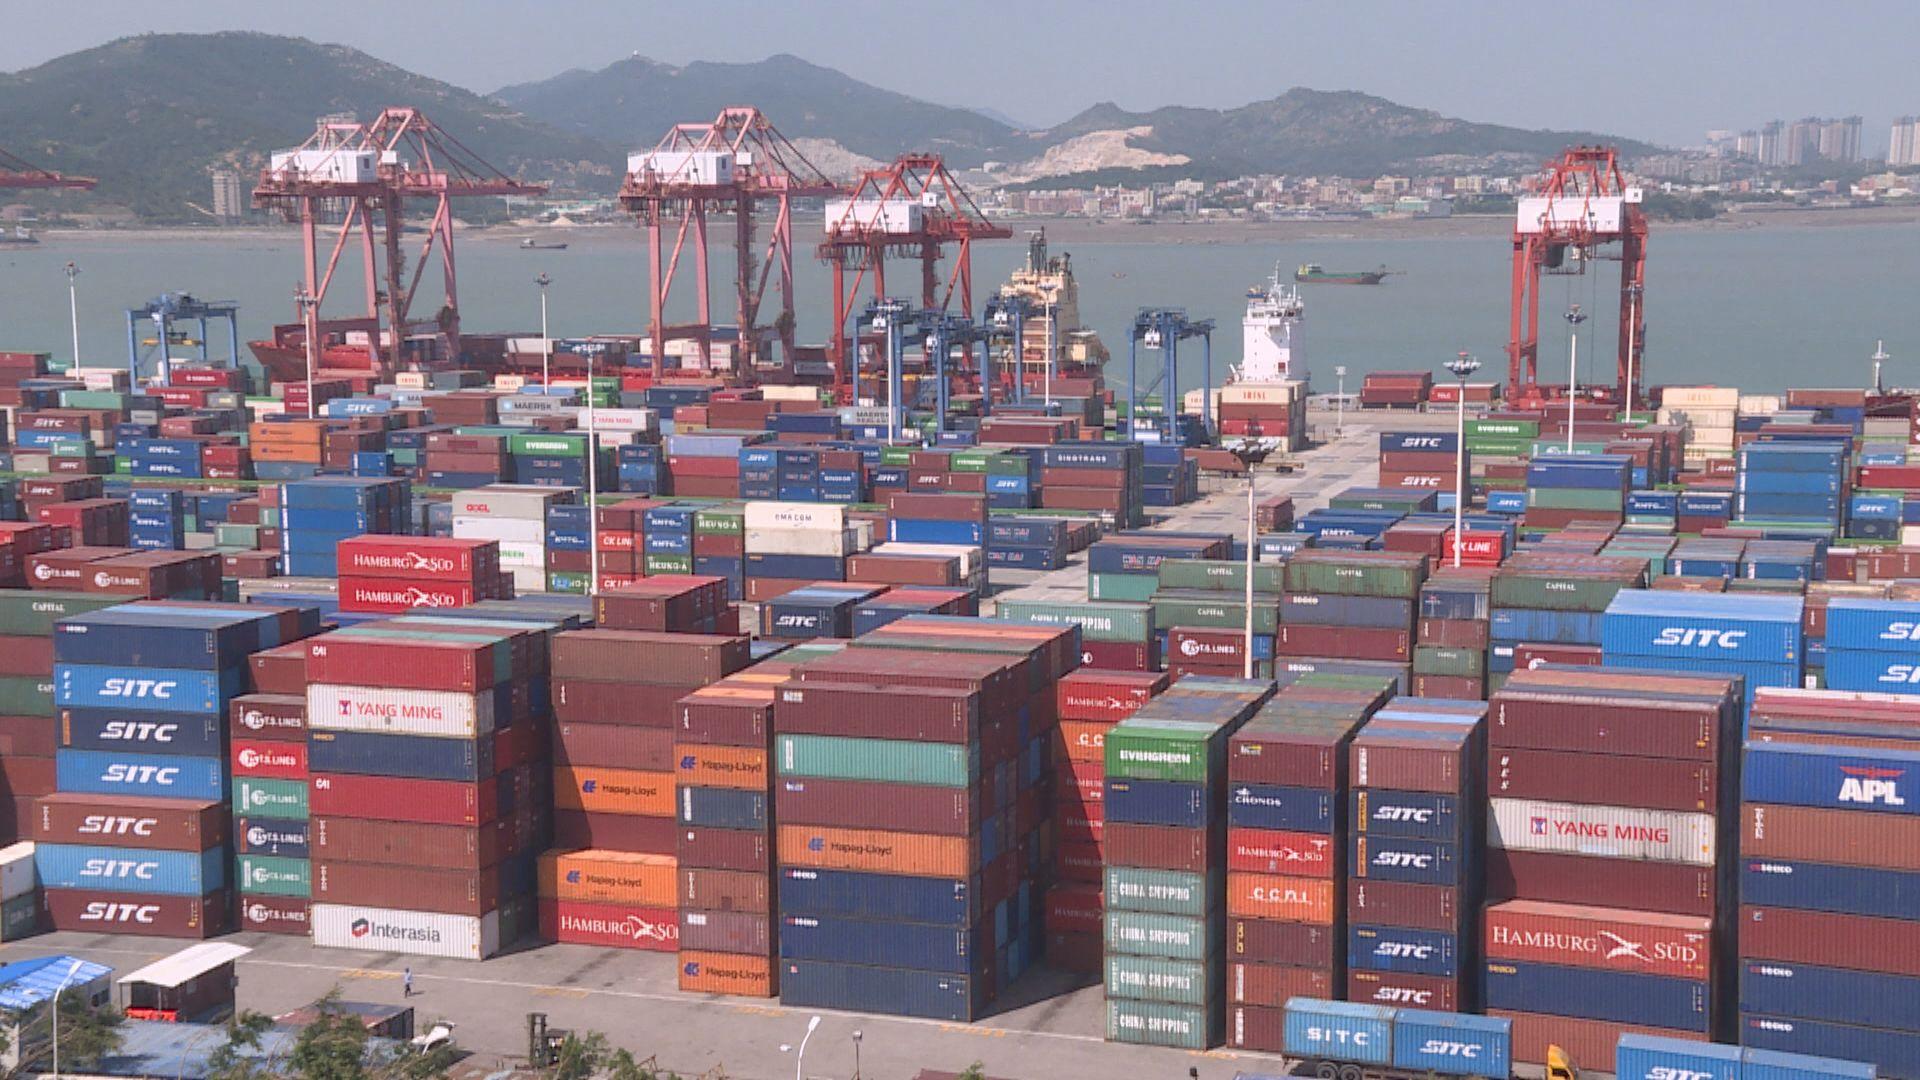 傳北京要求美國在關稅上讓步 作為簽署中美貿易協議的條件